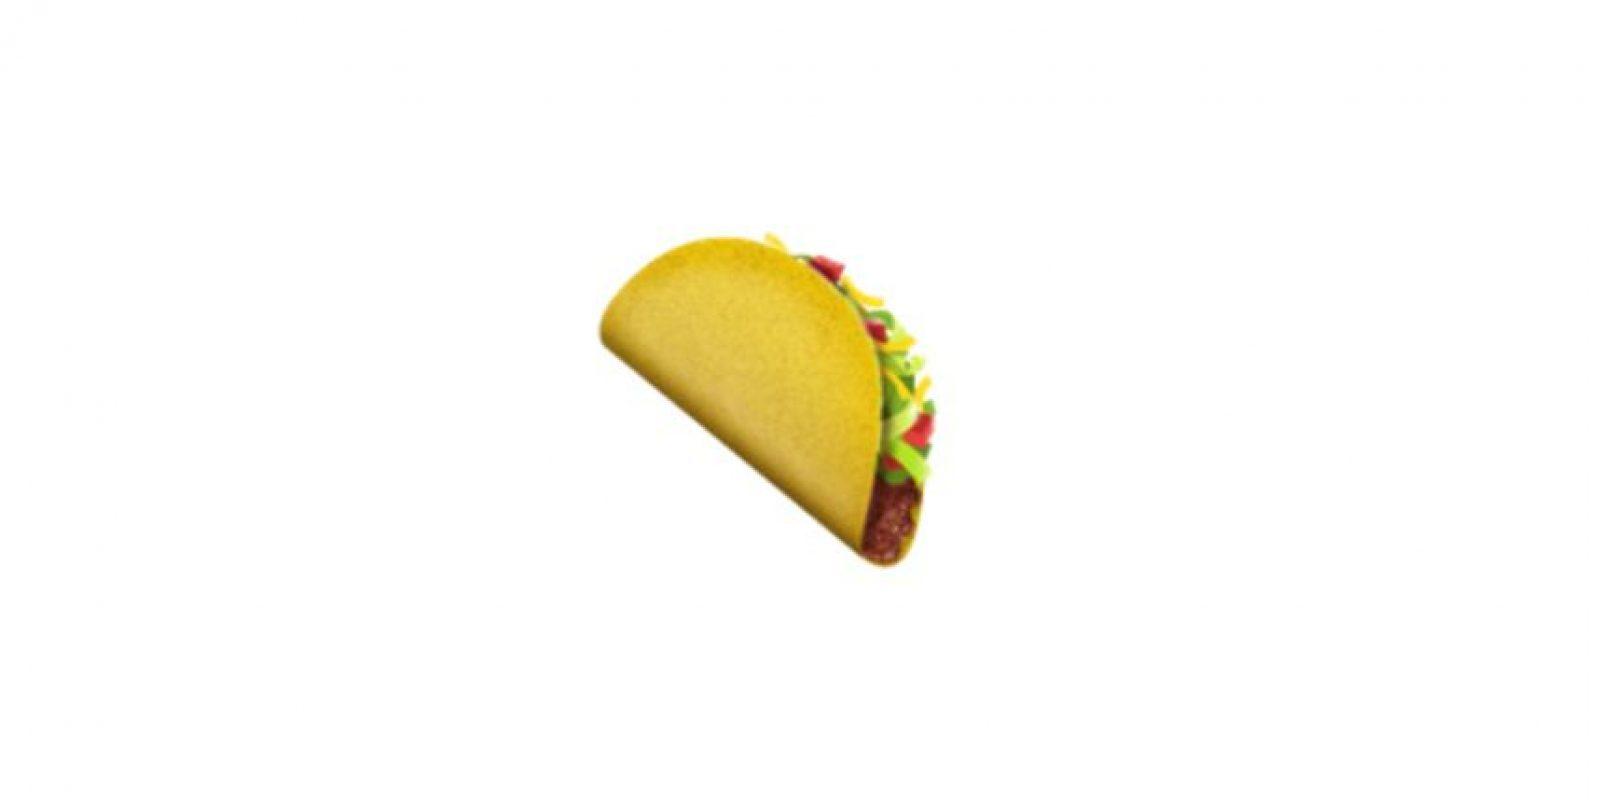 El taco fue recientemente incluido. Foto:Emojipedia